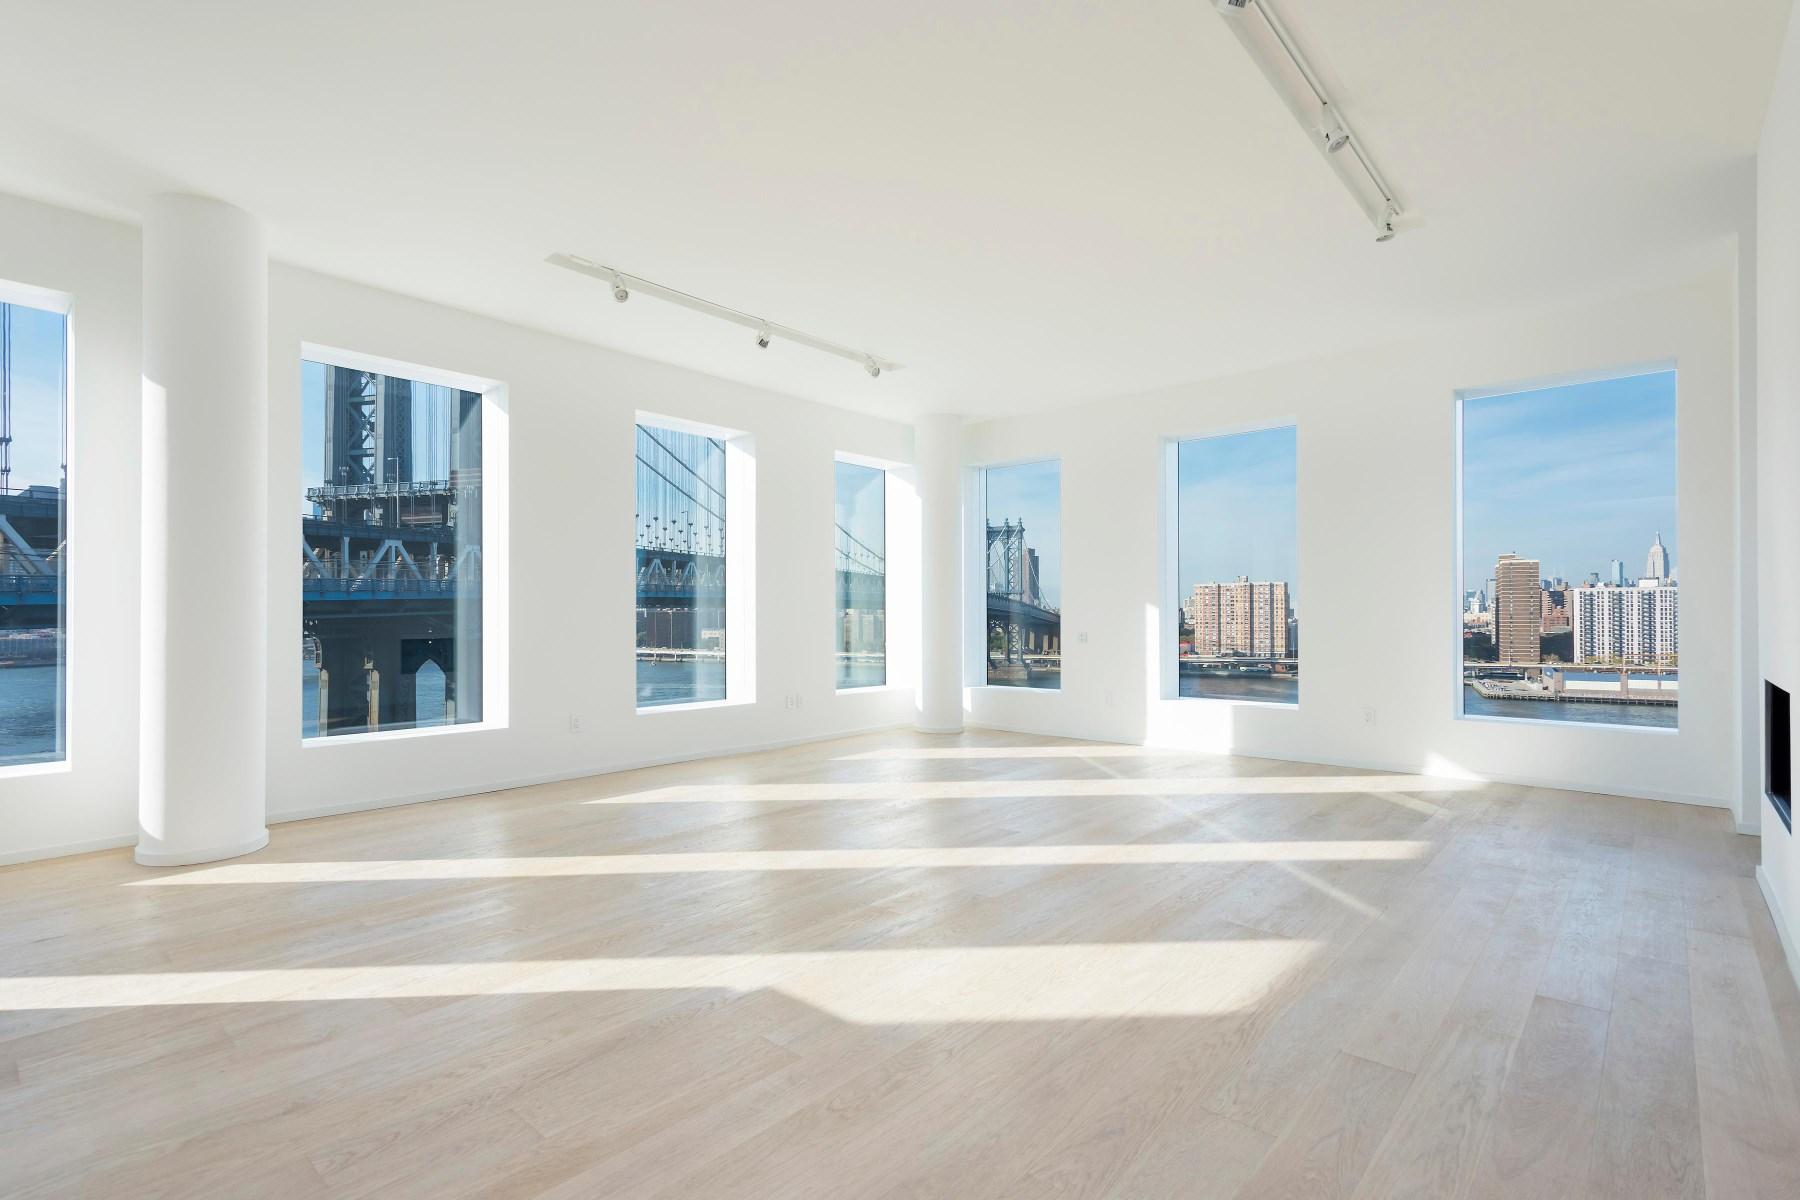 Кондоминиум для того Аренда на Waterfront Penthouse Perfection 1 John Street PH Brooklyn, Нью-Йорк 11201 Соединенные Штаты